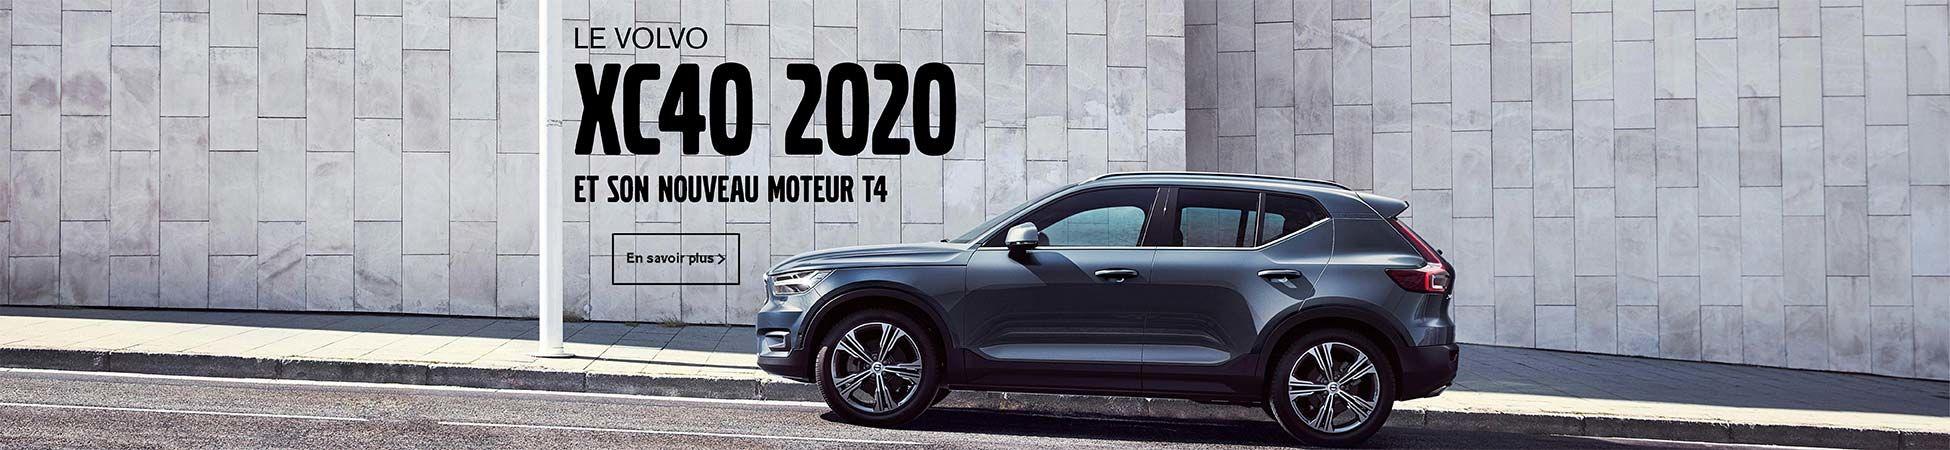 Volvo XC40 2020 à vendre à Montréal